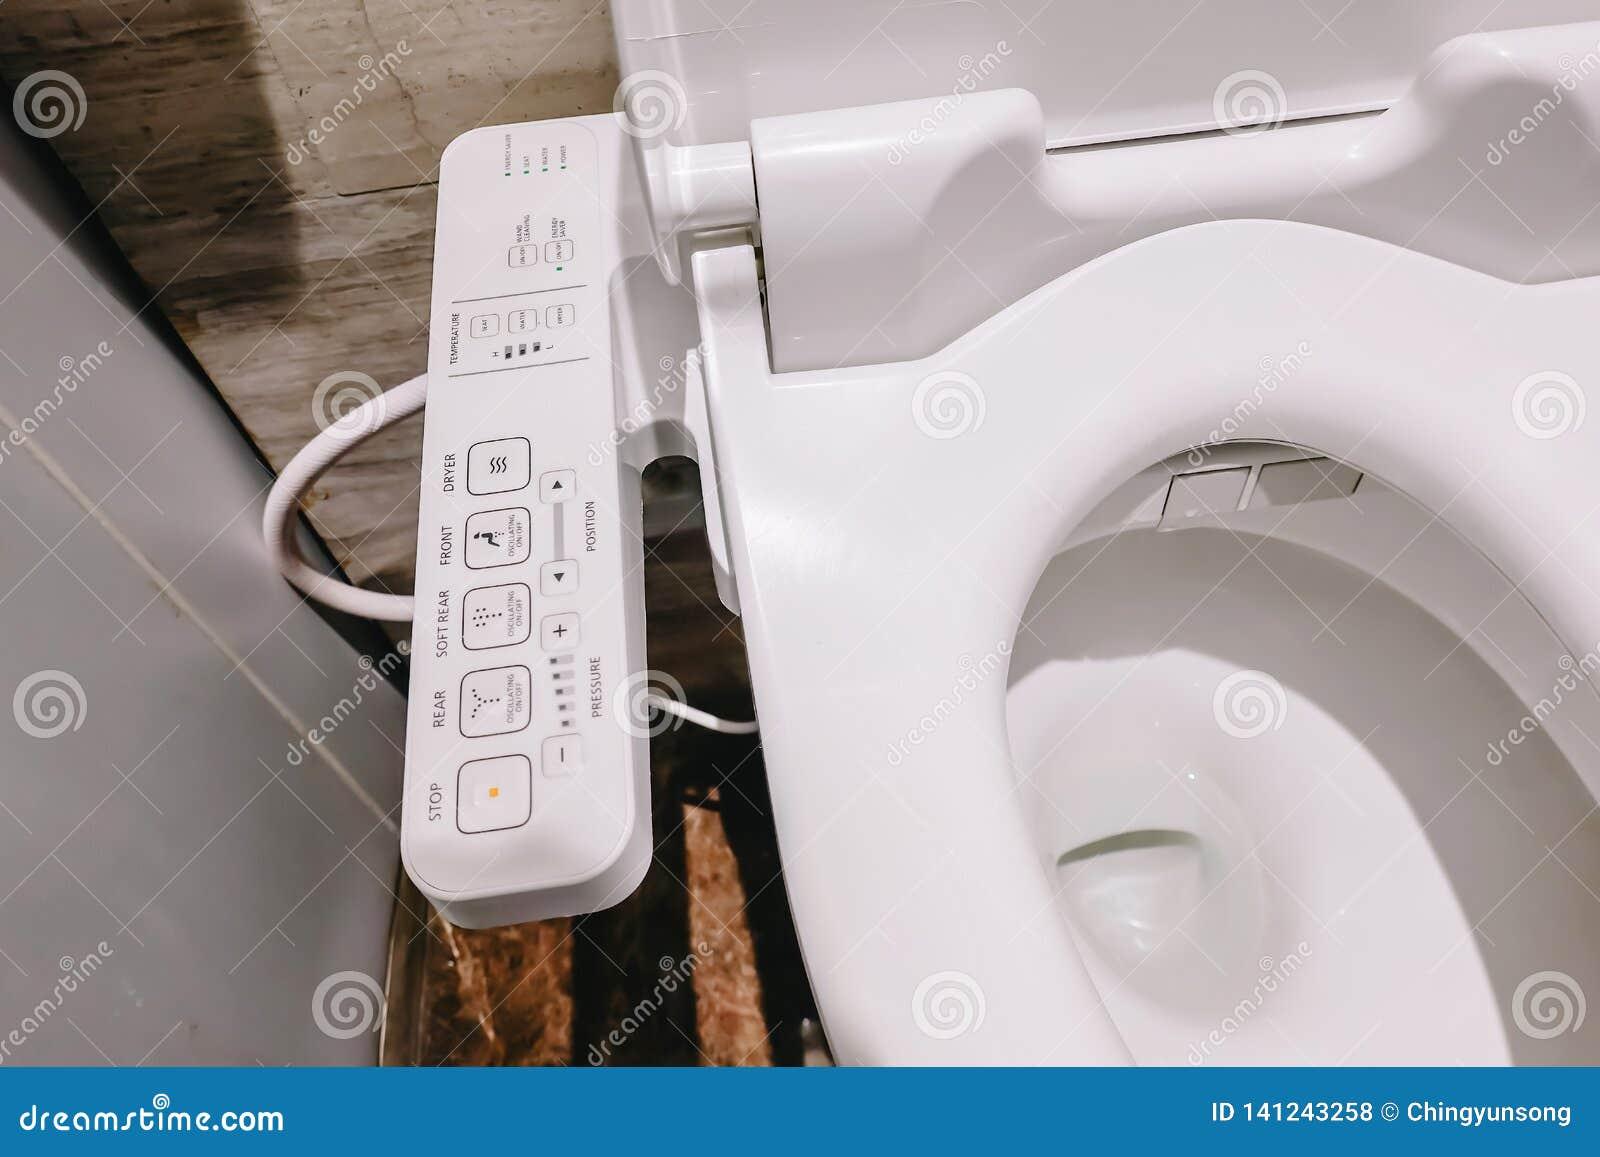 Toilette alta tecnologia moderna con il bidet elettronico in Tailandia ciotola di toilette di stile del Giappone, a alta tecnolog